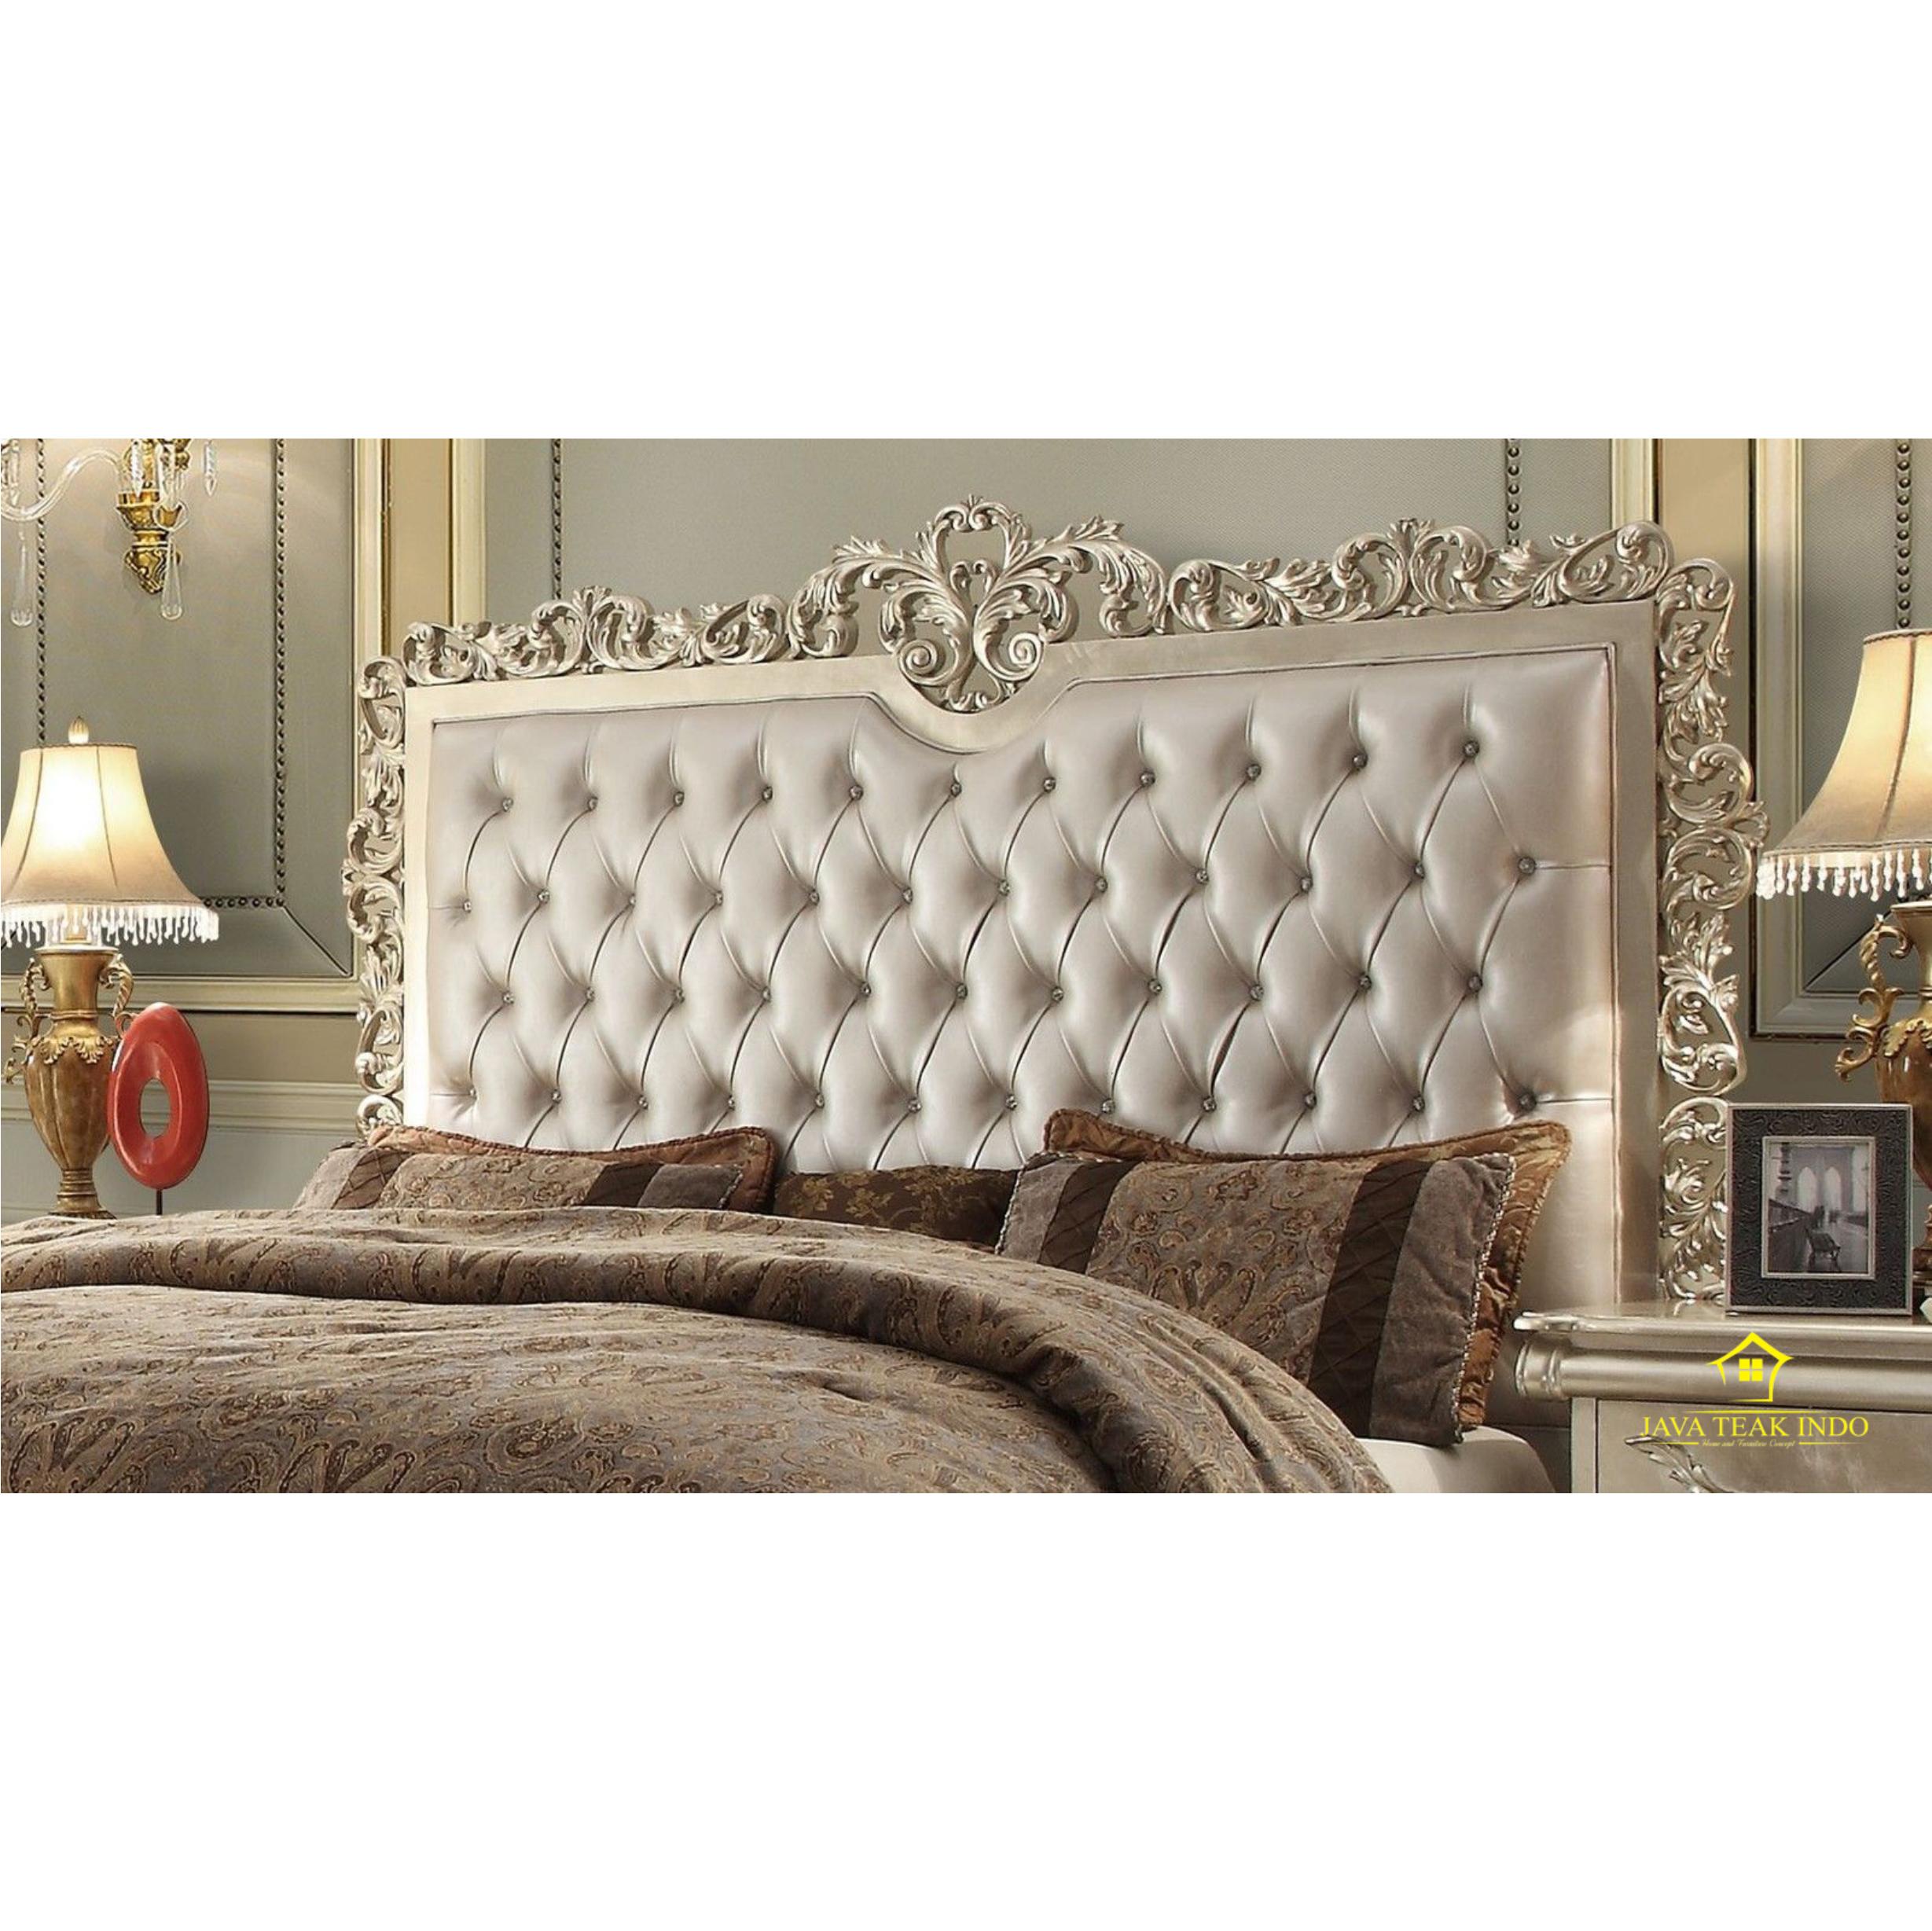 Full Size of Französische Betten Franzsisch Schlafzimmer Bett Design Günstige Holz Joop 180x200 Mit Stauraum Innocent Amazon Treca Team 7 Bett Französische Betten